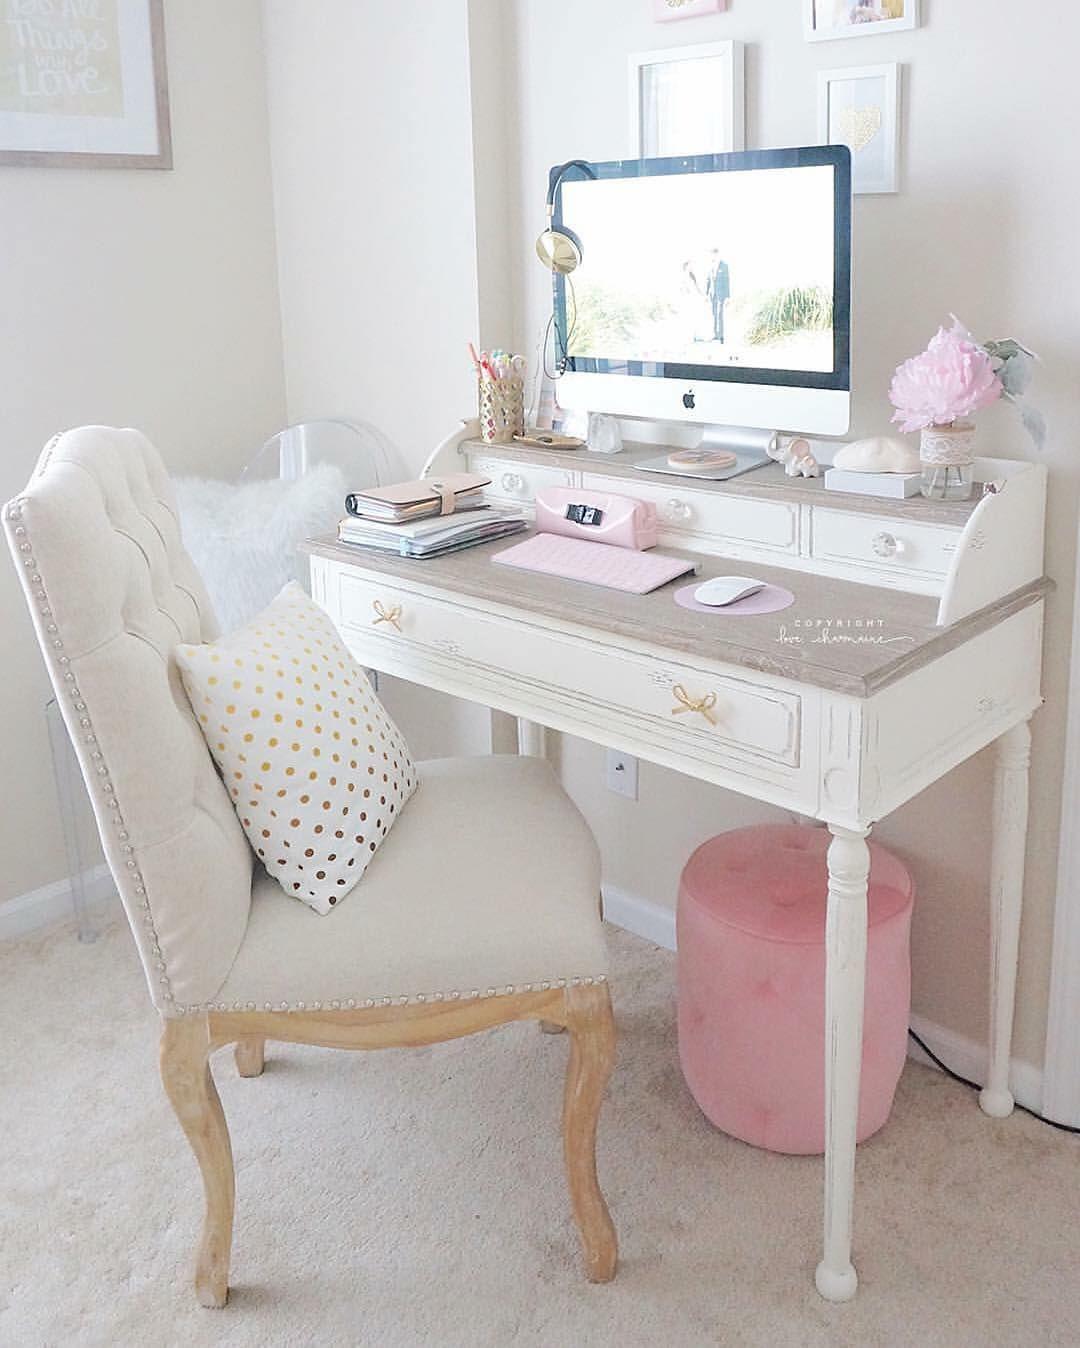 Pinterest | @amatilhadelobos Shabby Chic Homes, Shabby Chic Office Desk,  Feminine Office Decor